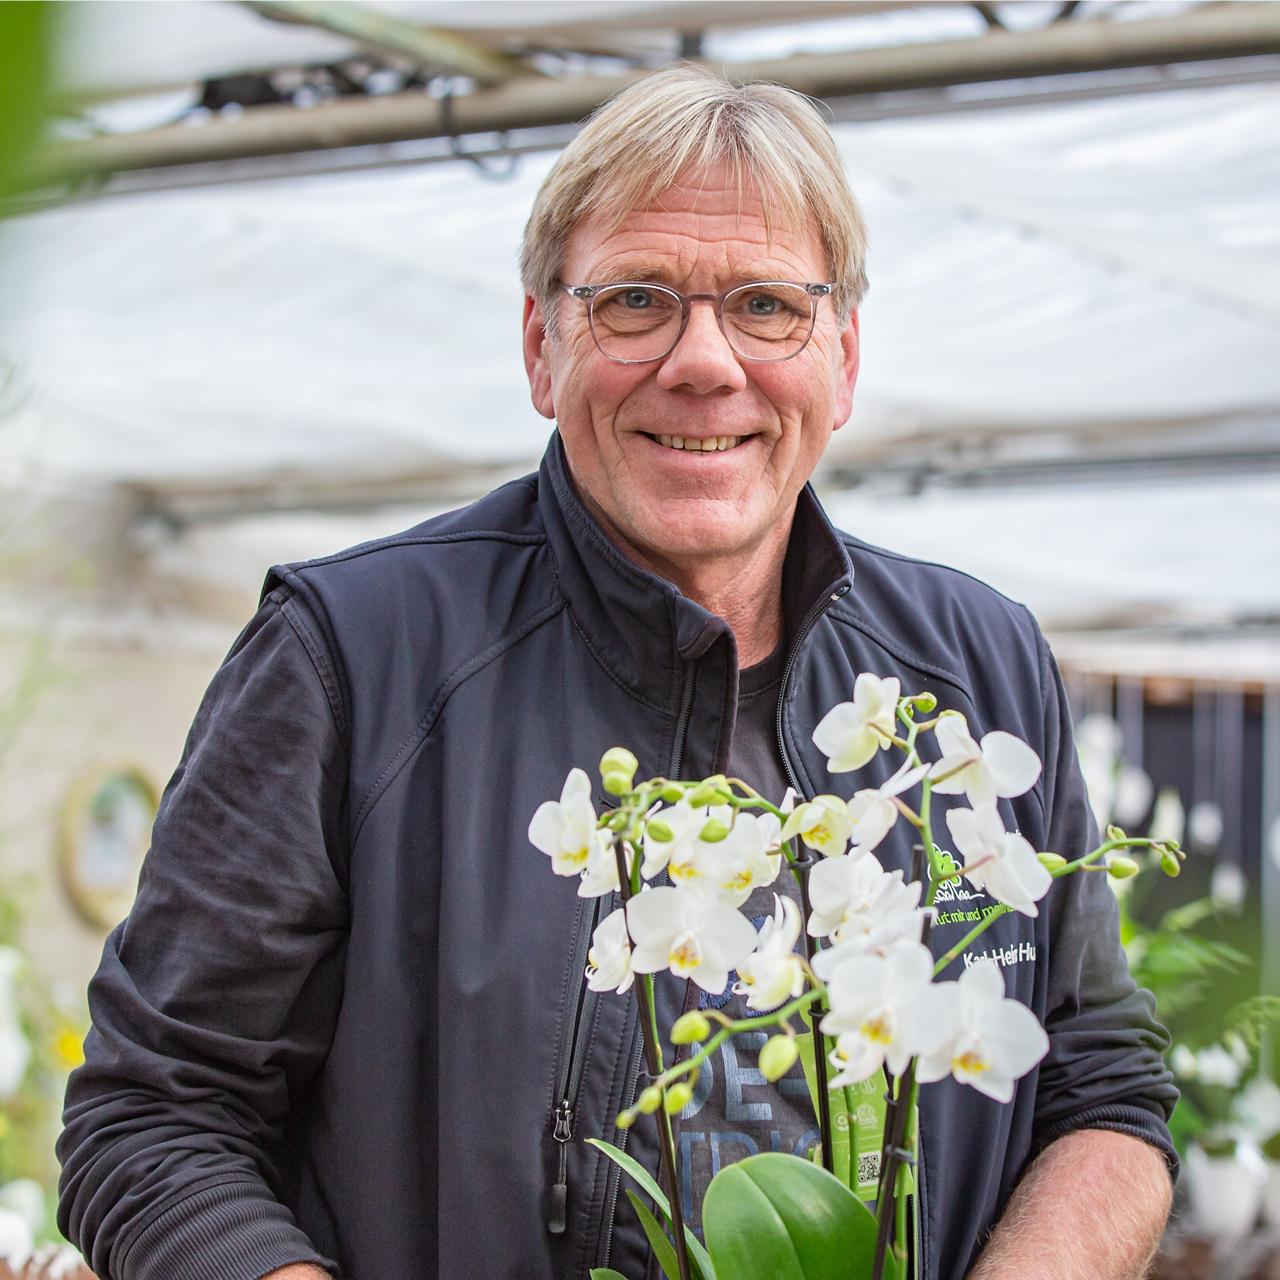 Karl-Heinz Hupp